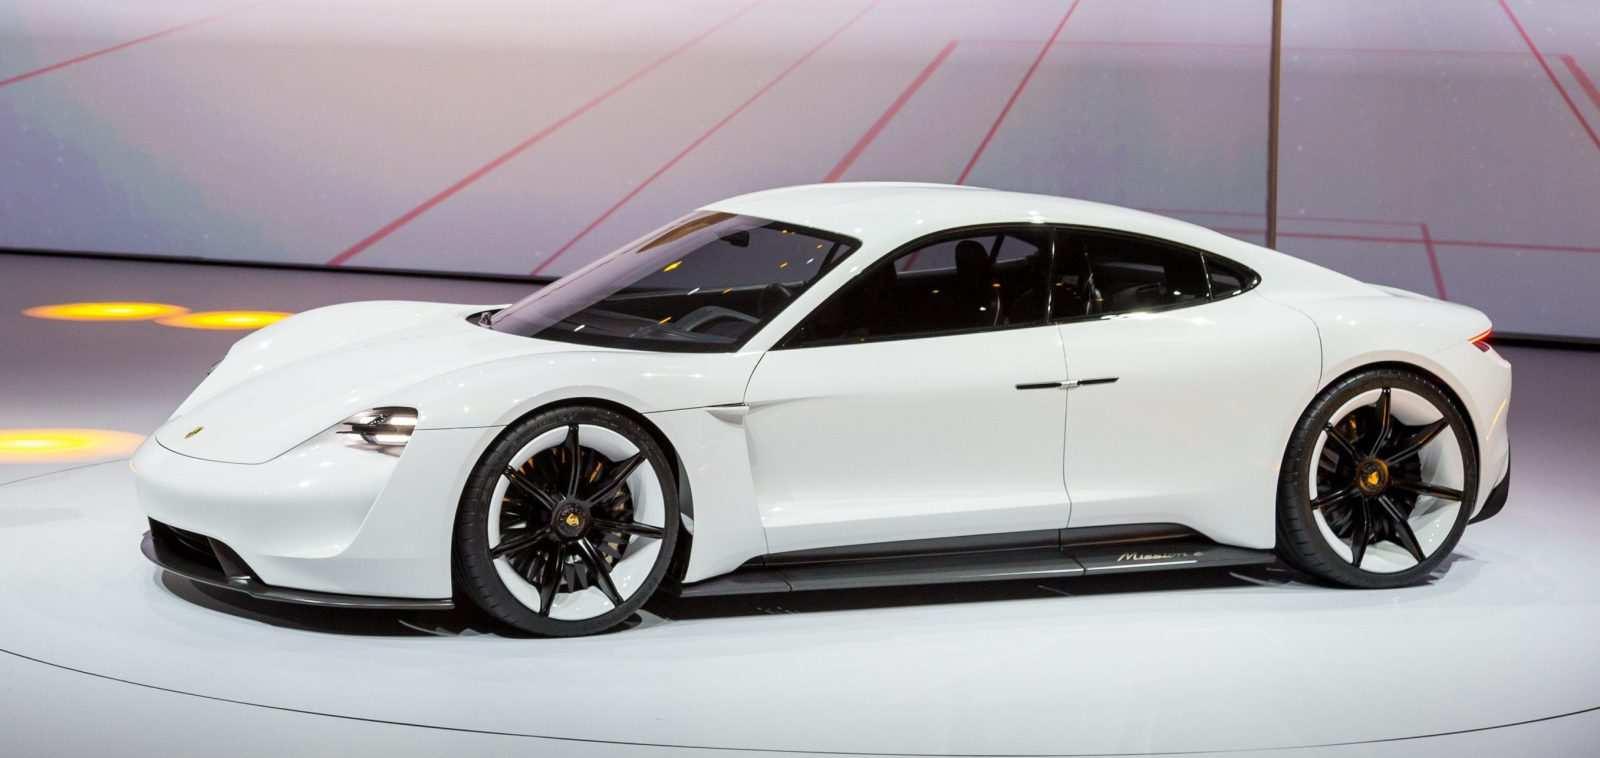 95 Great 2020 Porsche Electric Car Price with 2020 Porsche Electric Car